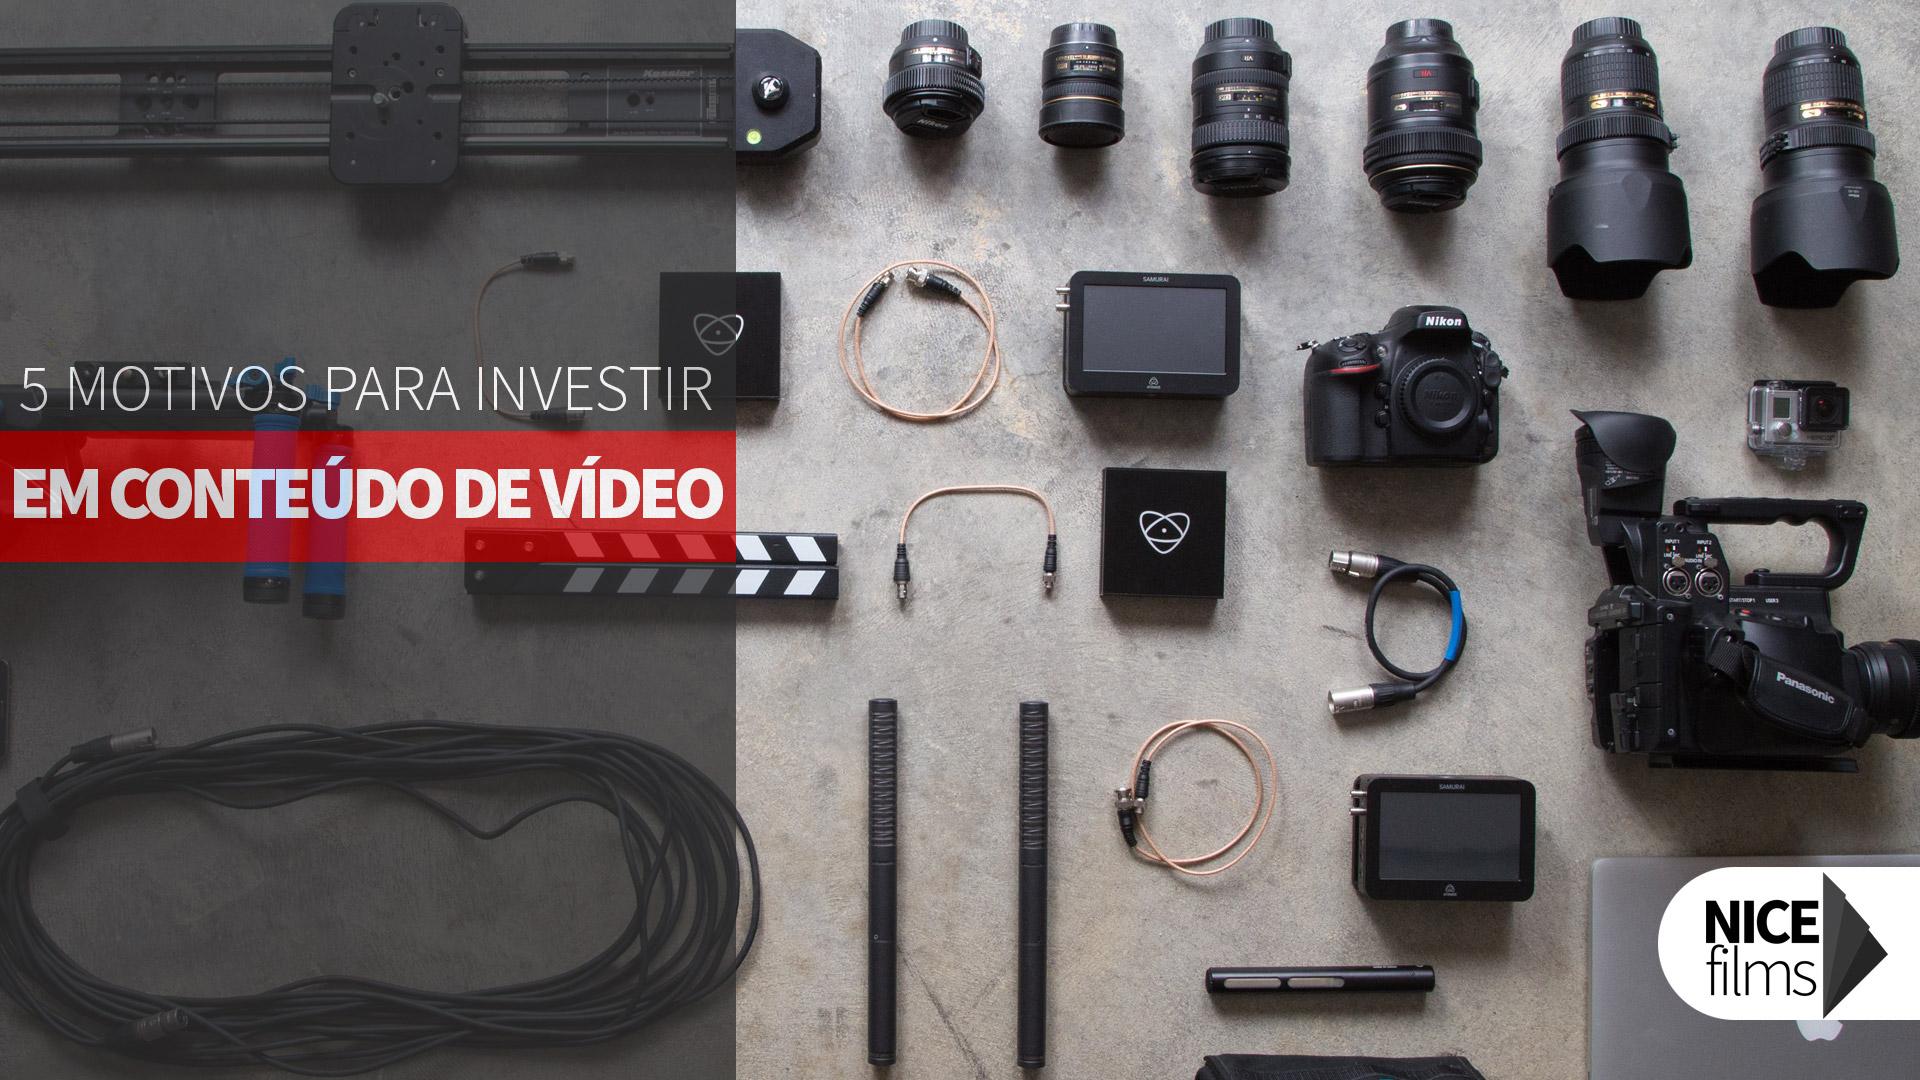 Conteúdo de Vídeo Porque Investir